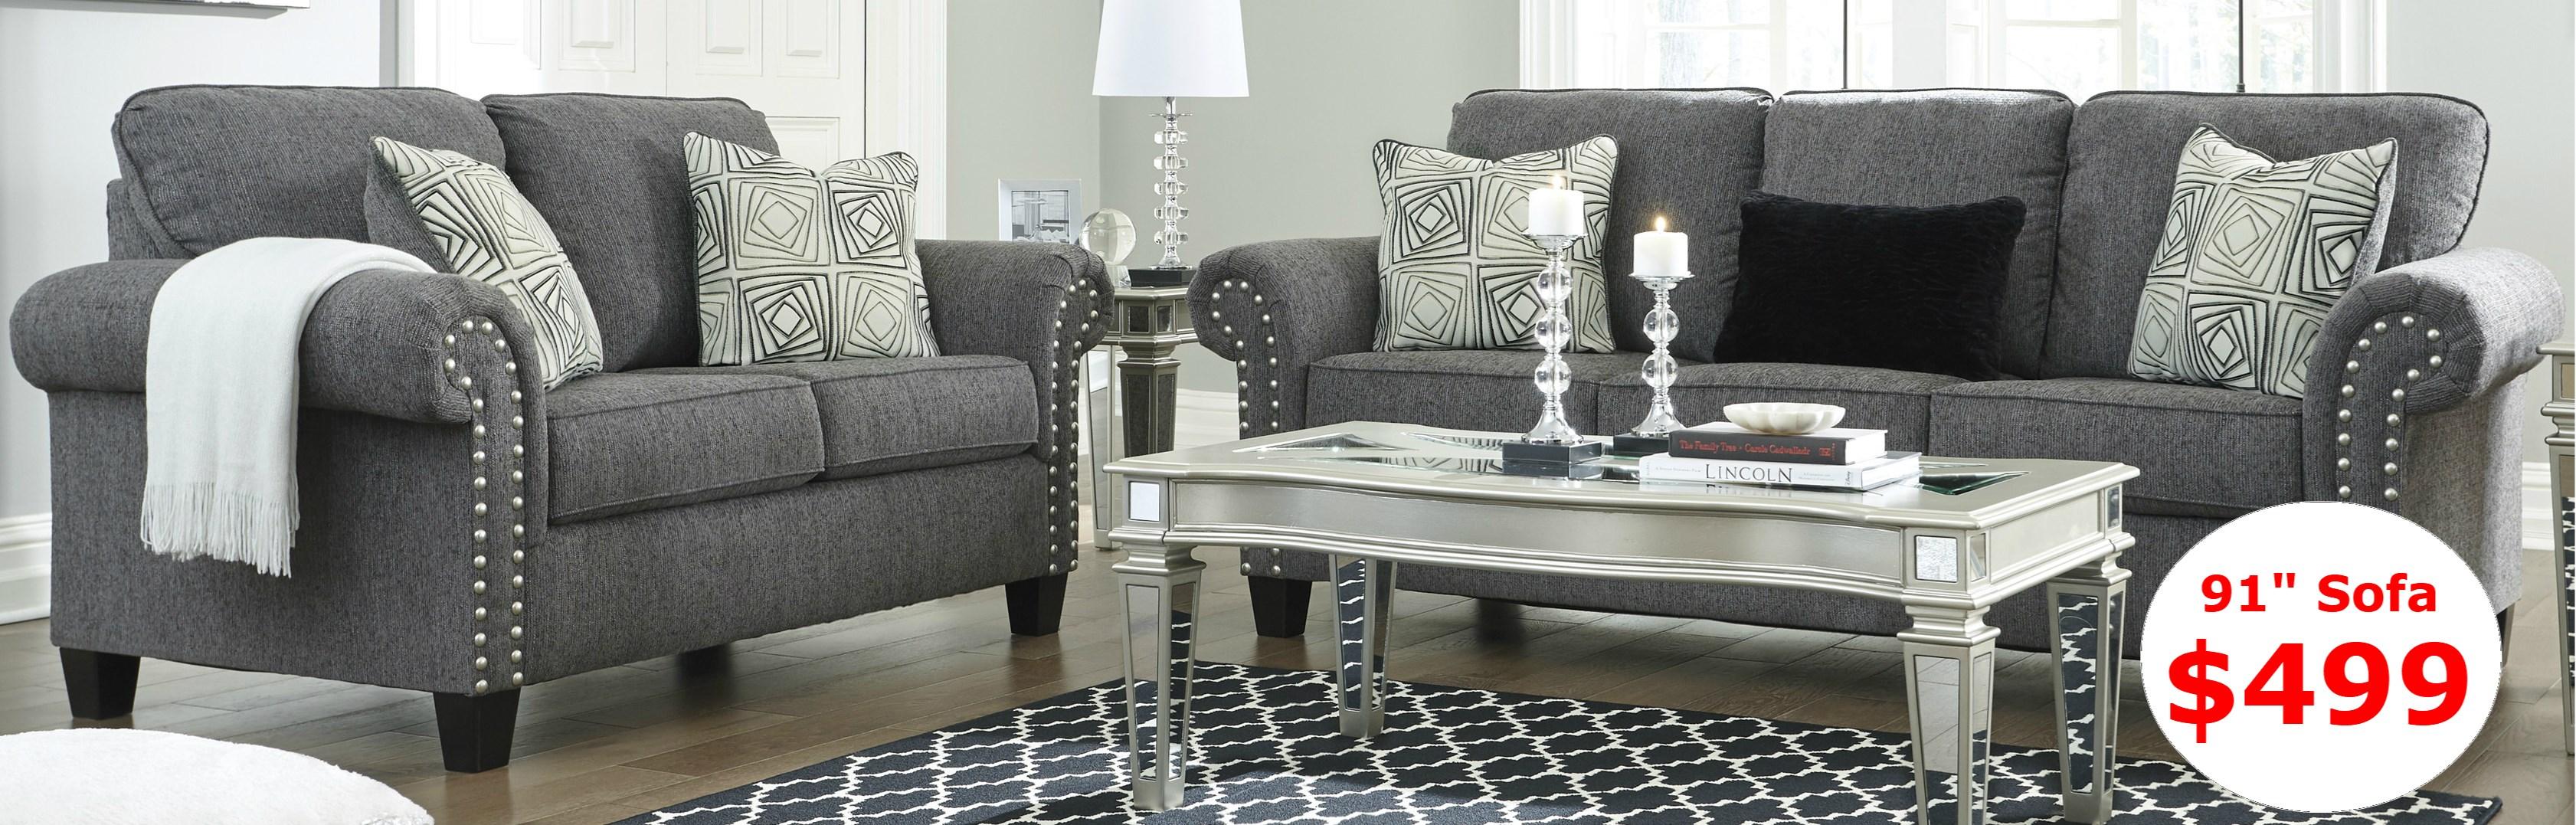 $499 Sofa